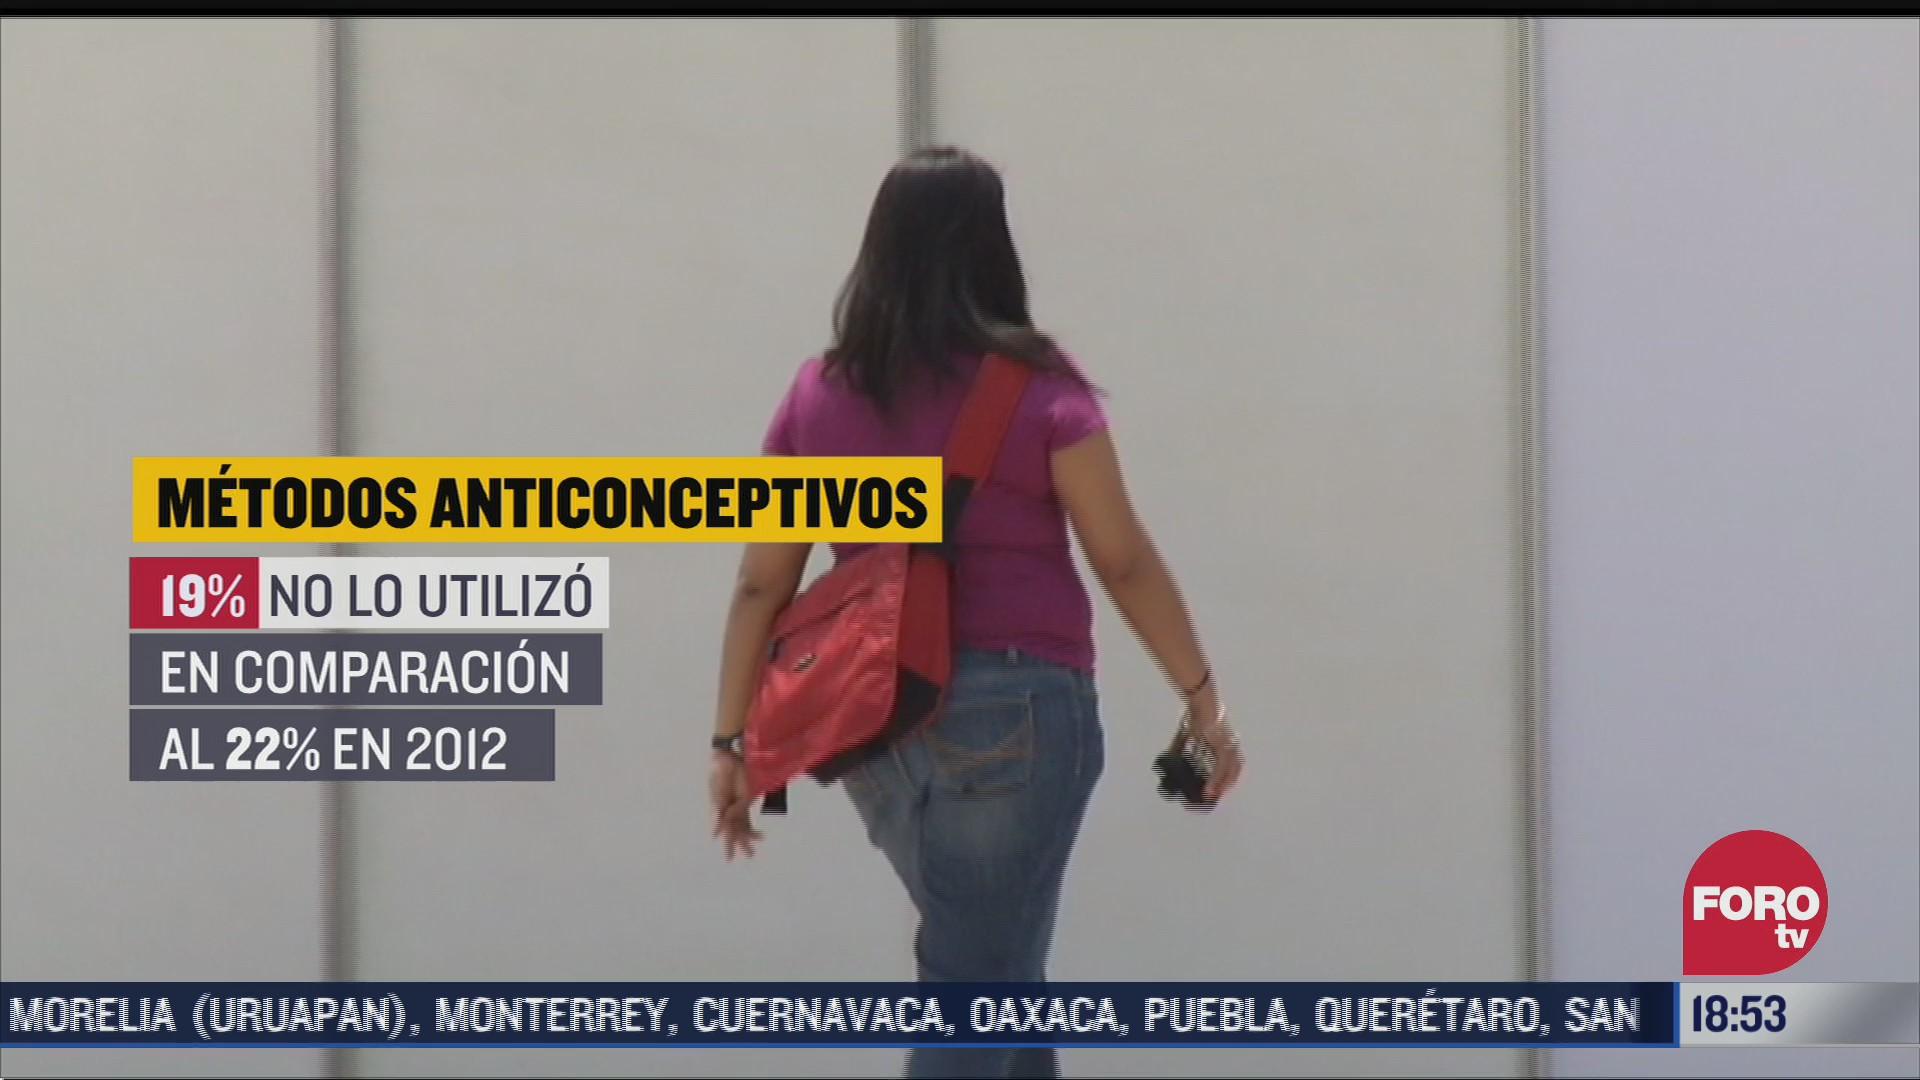 adolescentes le dan mas importancia al uso de anticonceptivos